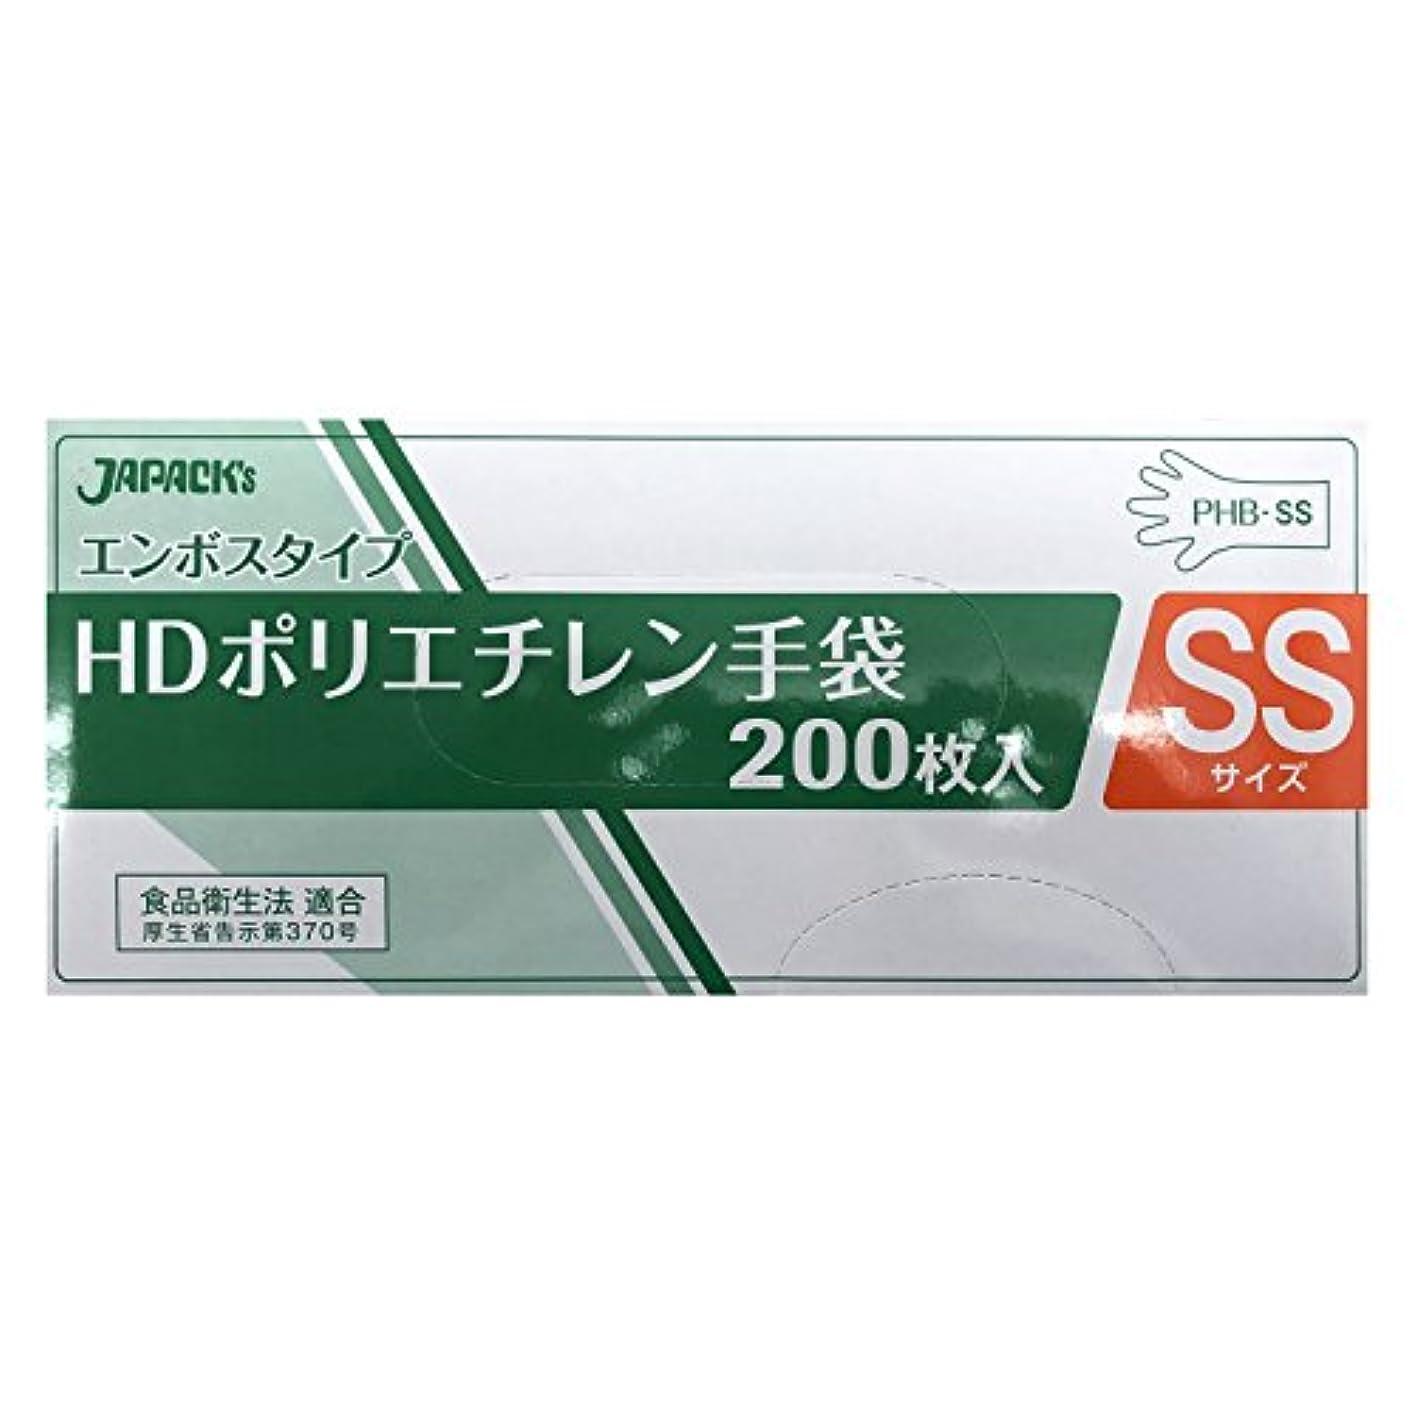 エンボスタイプ HDポリエチレン手袋 SSサイズ BOX 200枚入 無着色 PHB-SS